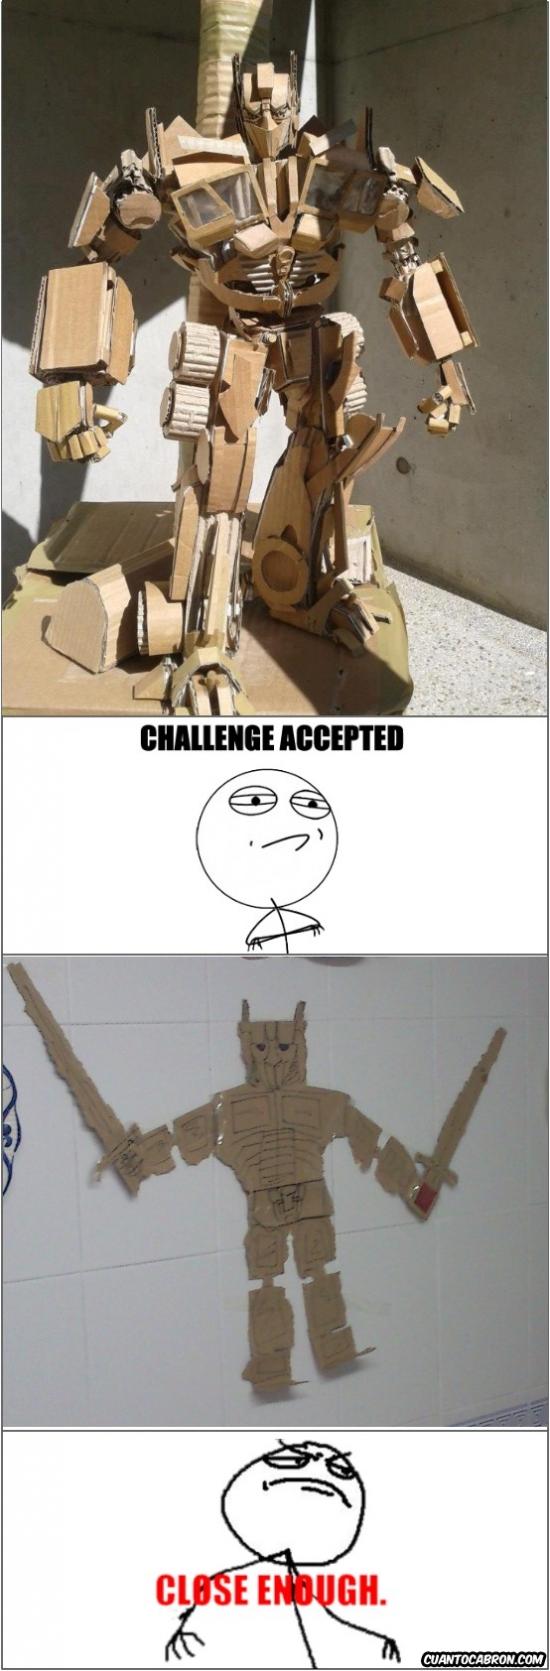 Challenge_accepted - Optimus prime de cartón